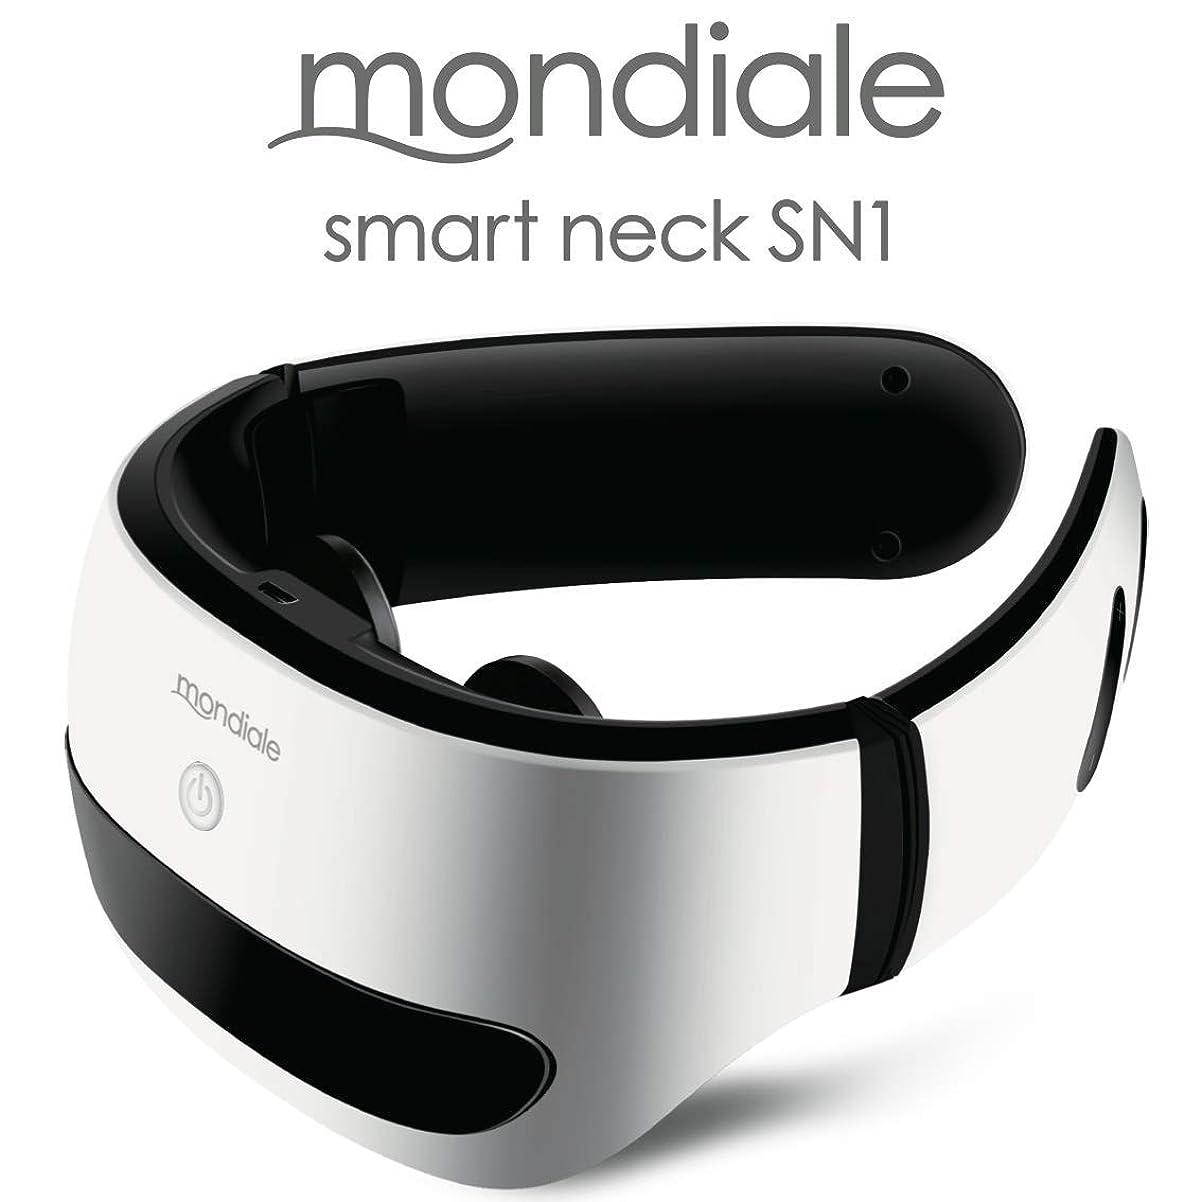 予防接種再集計してはいけないモンデール スマートネック SN1 mondiale smart neck SN1